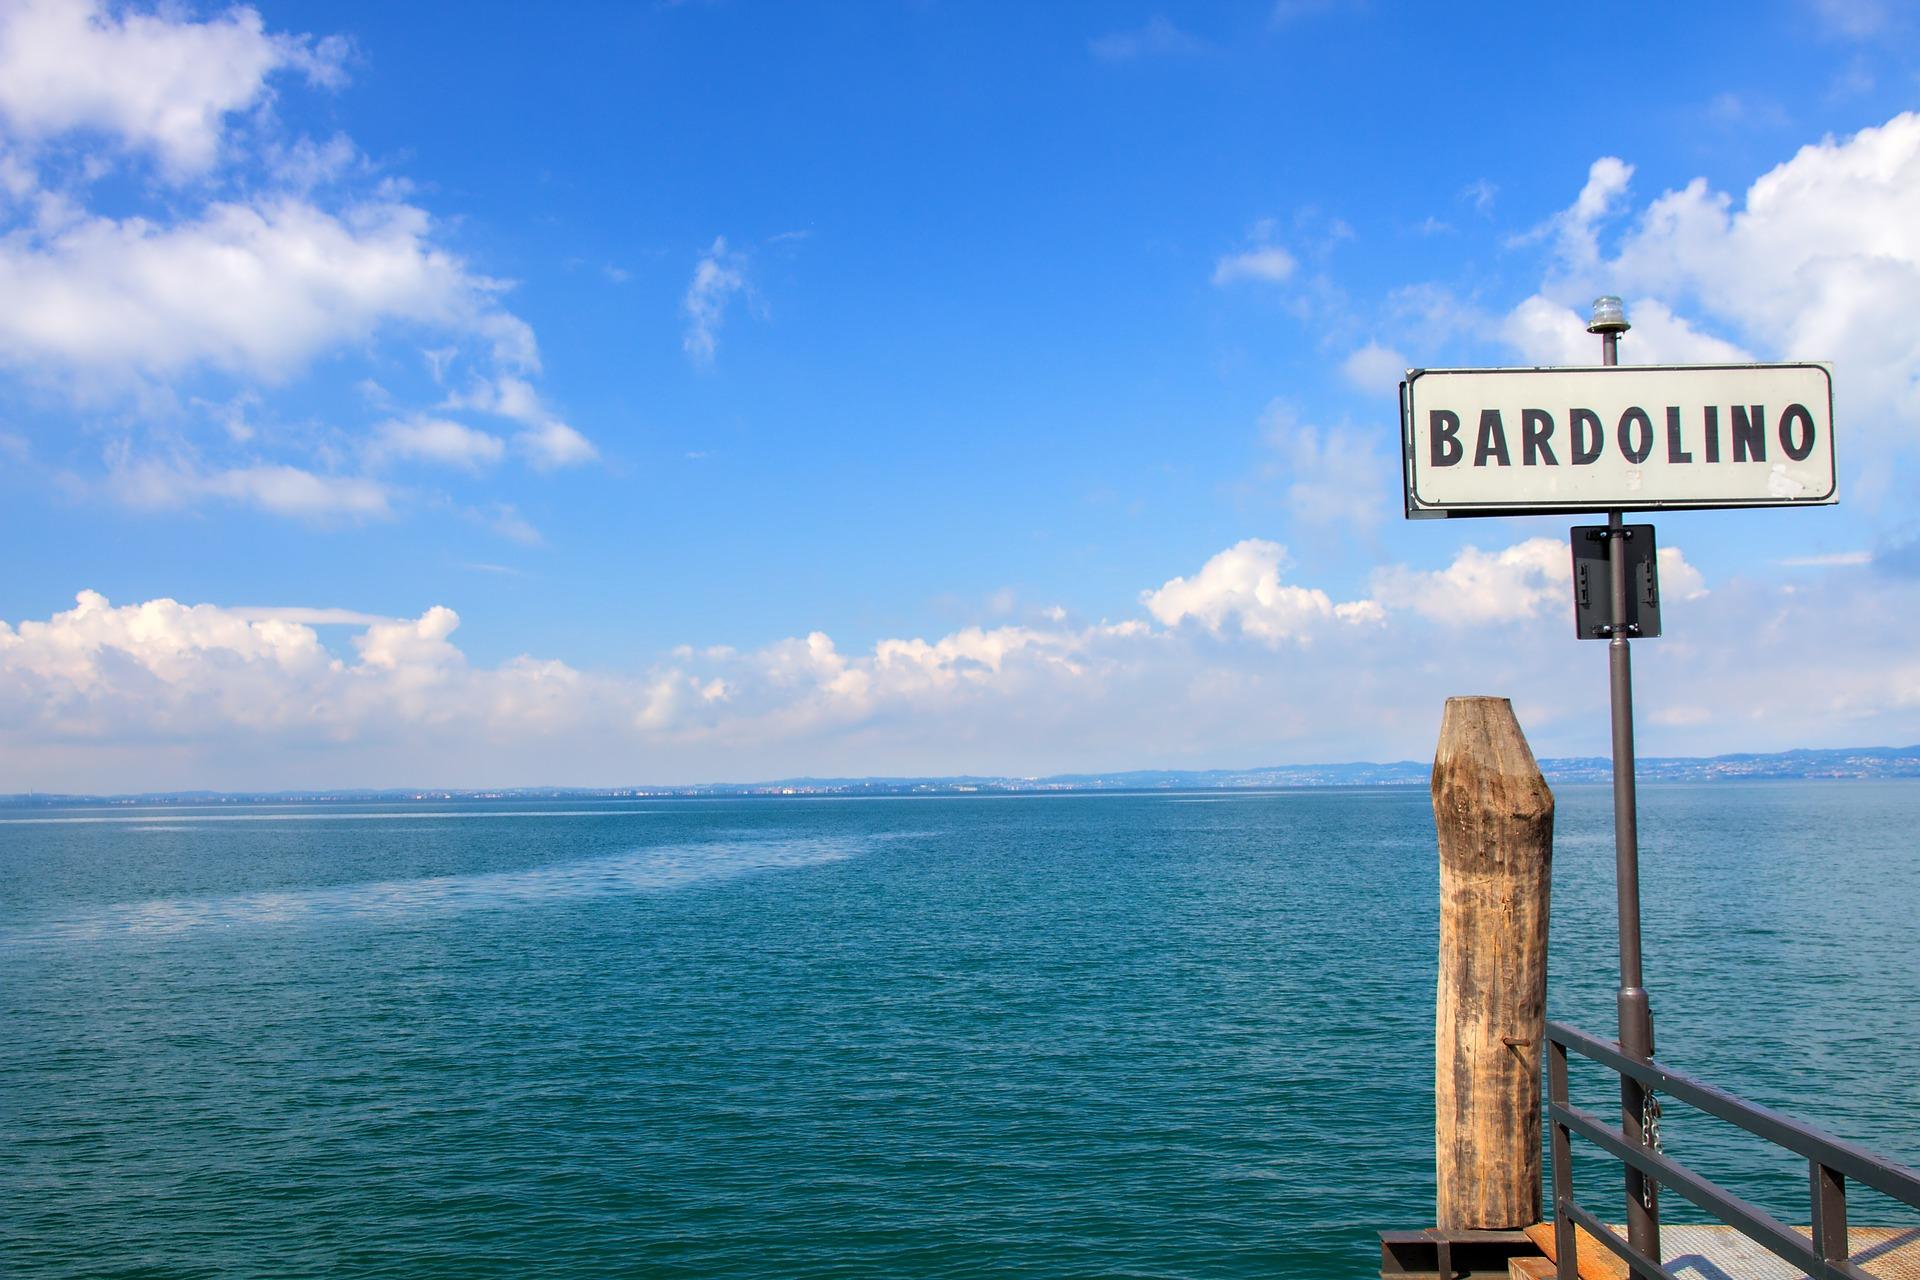 Tipps für Bardolino am Gardasee